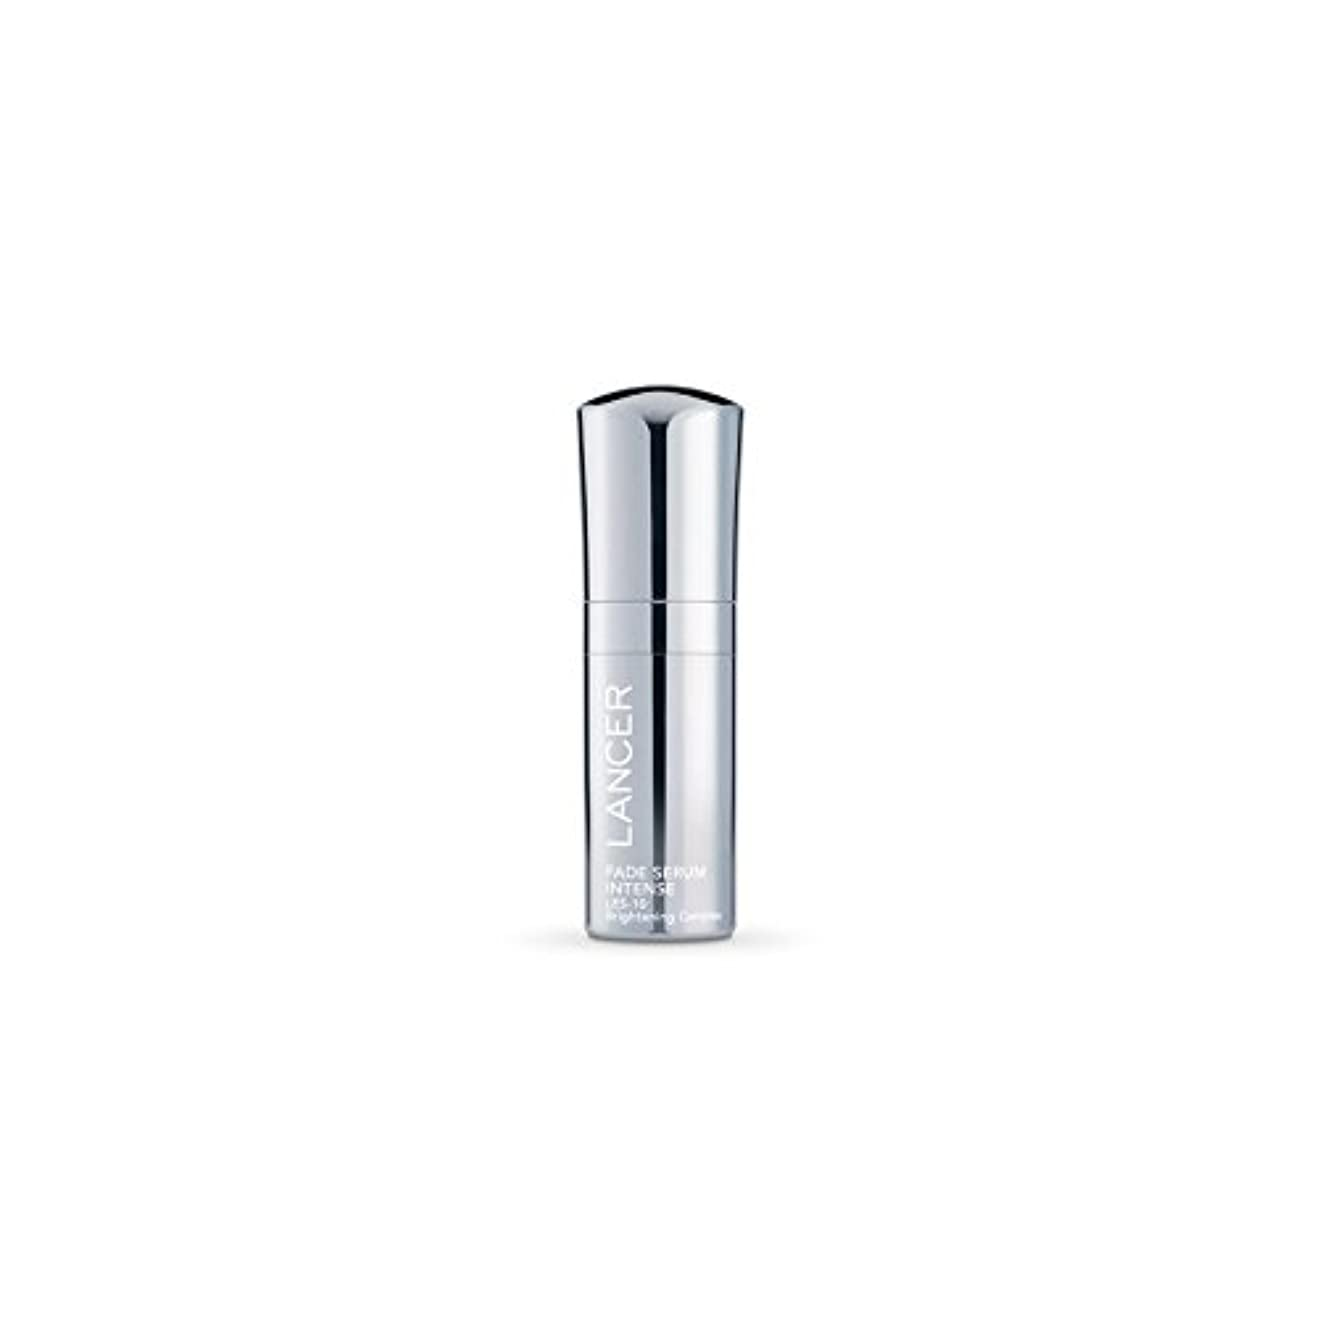 評価可能切り刻む外交官Lancer Skincare Fade Serum Intense (30ml) (Pack of 6) - 強烈ランサースキンケアフェード血清(30ミリリットル) x6 [並行輸入品]